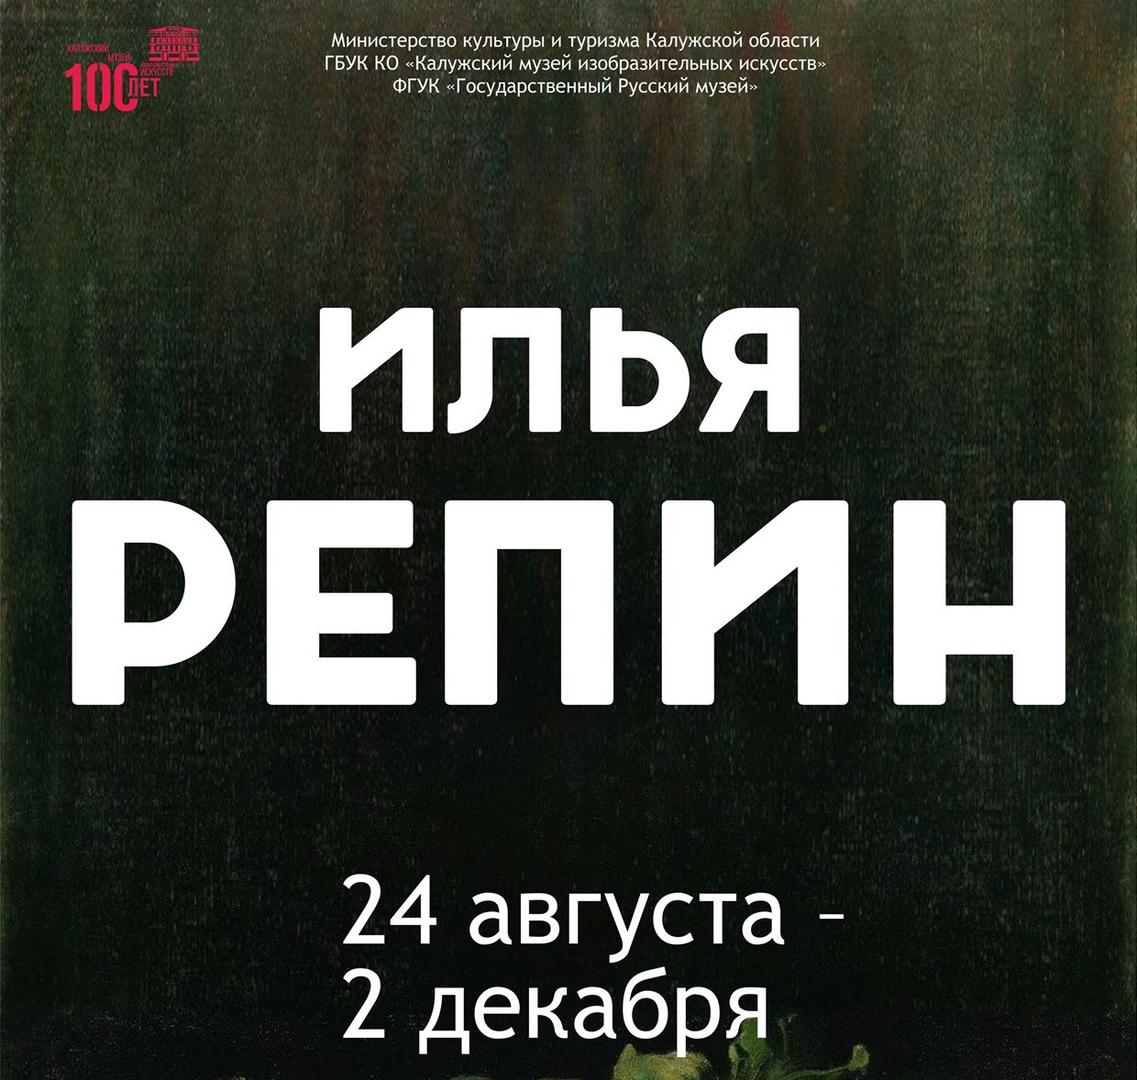 Выставка «Илья Репин» в КМИИ